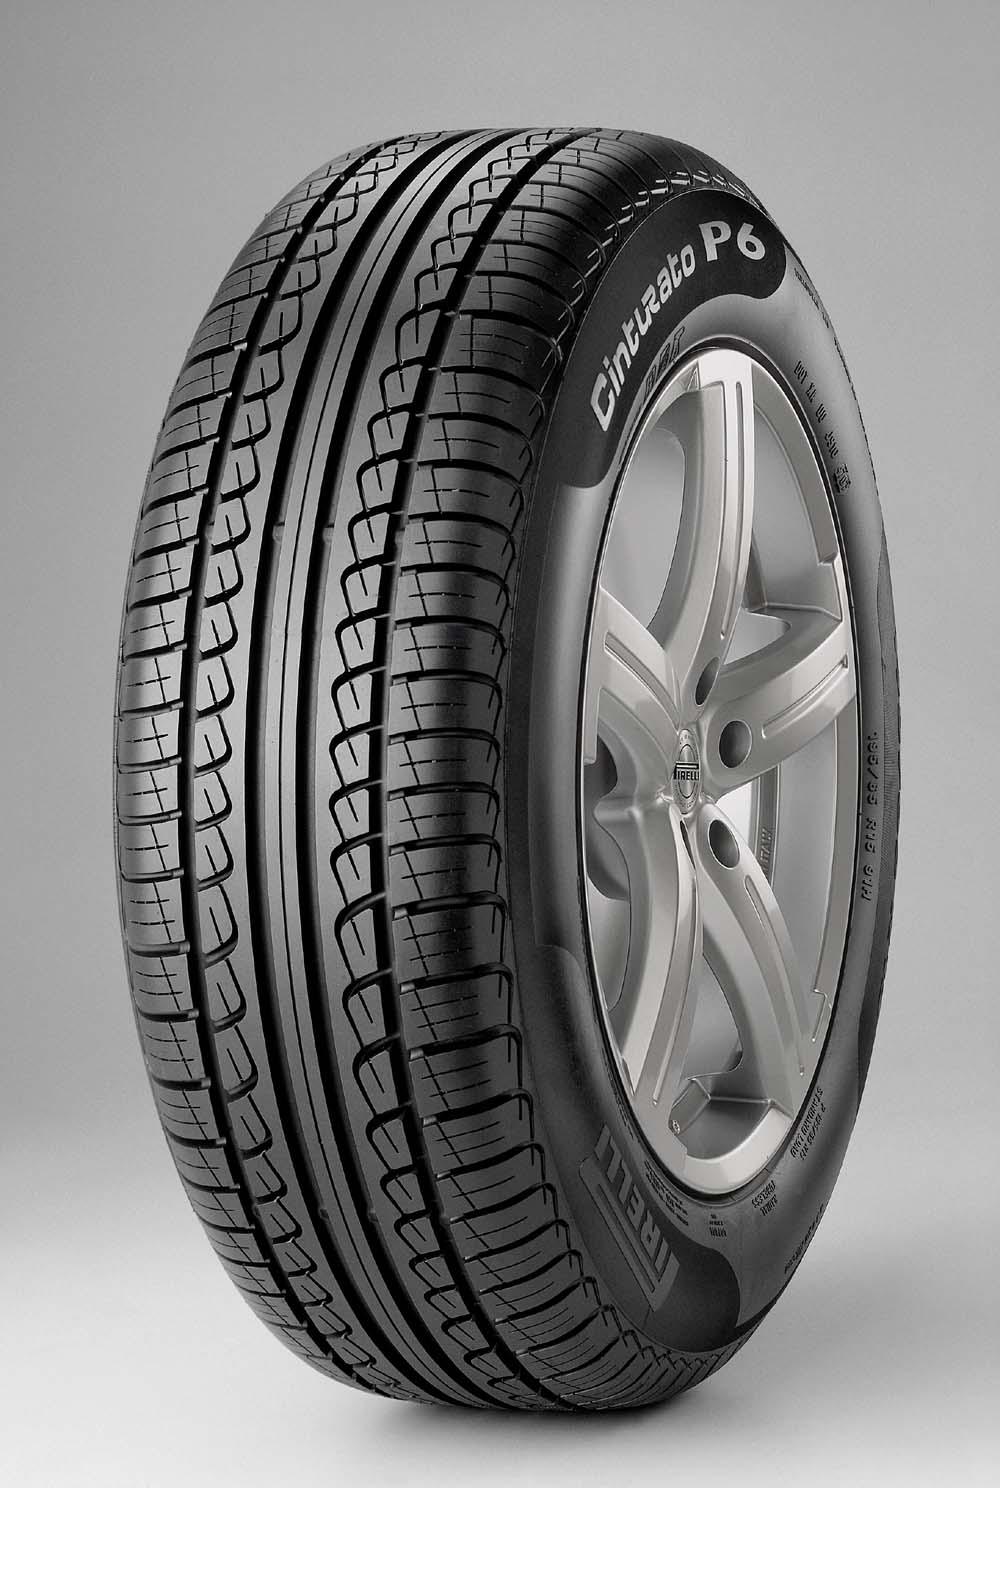 Pirelli P6 gumiabroncs